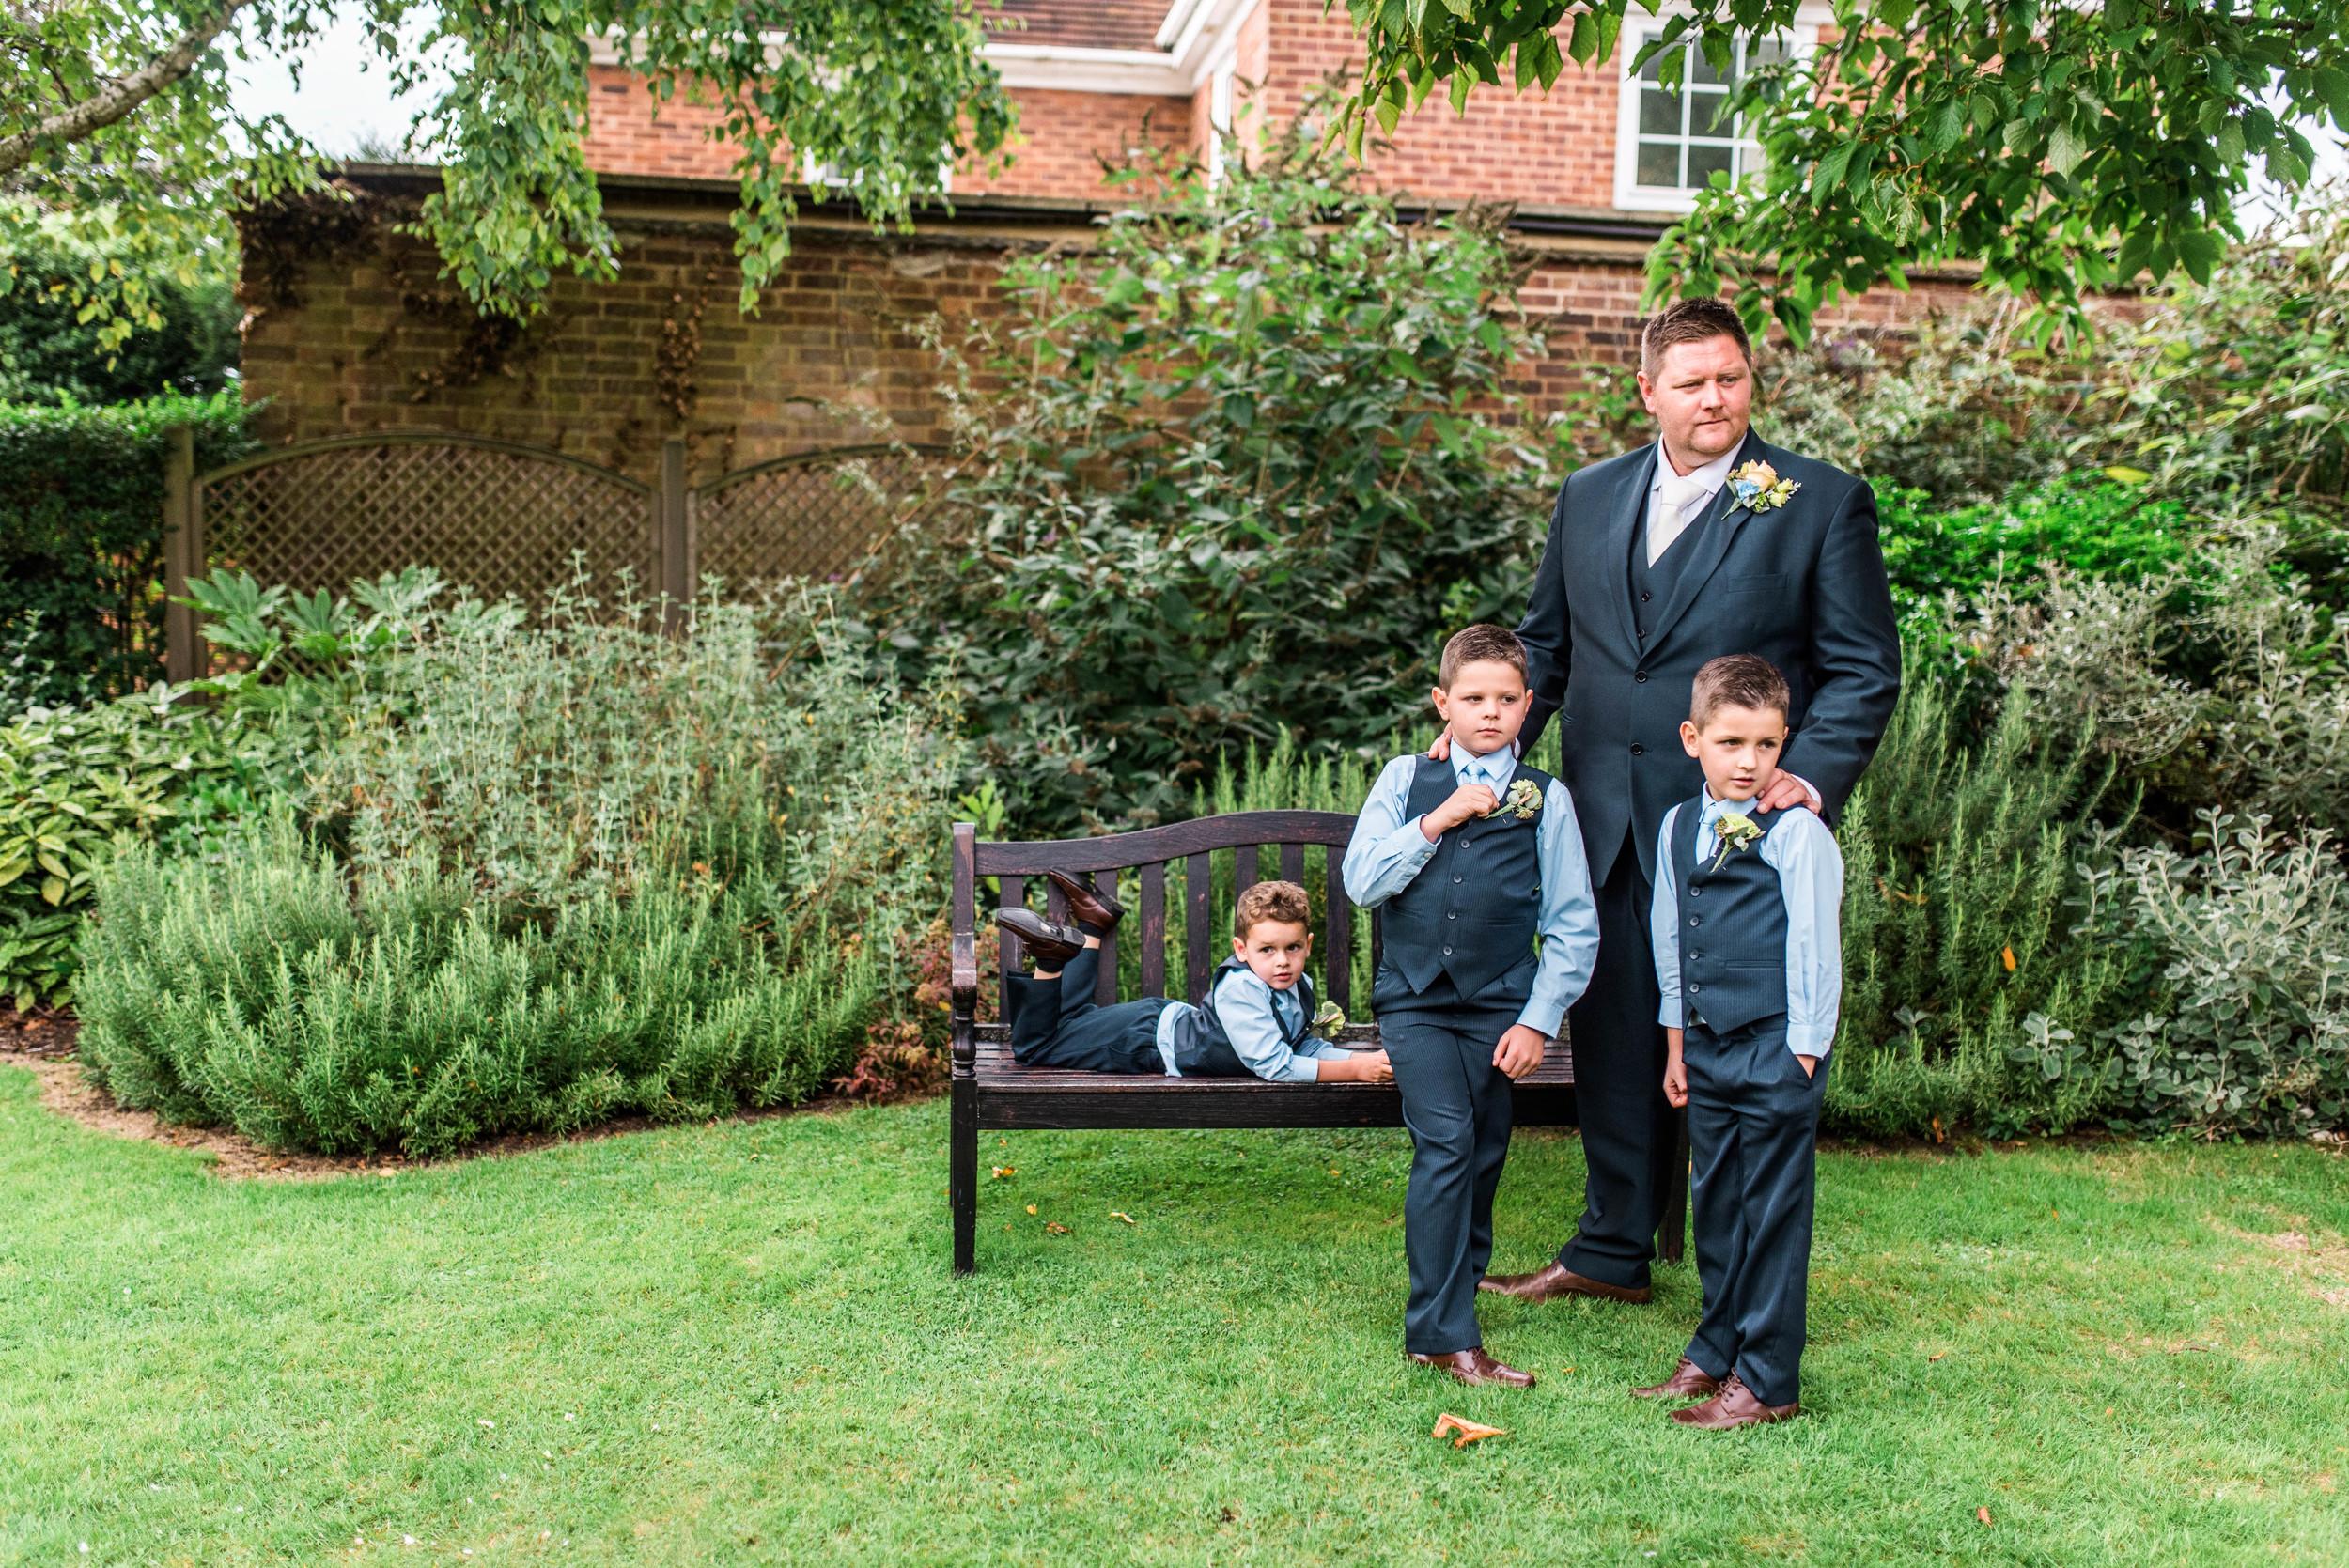 18 Bride Groom Wedding Photography Buckinghamshire.jpg